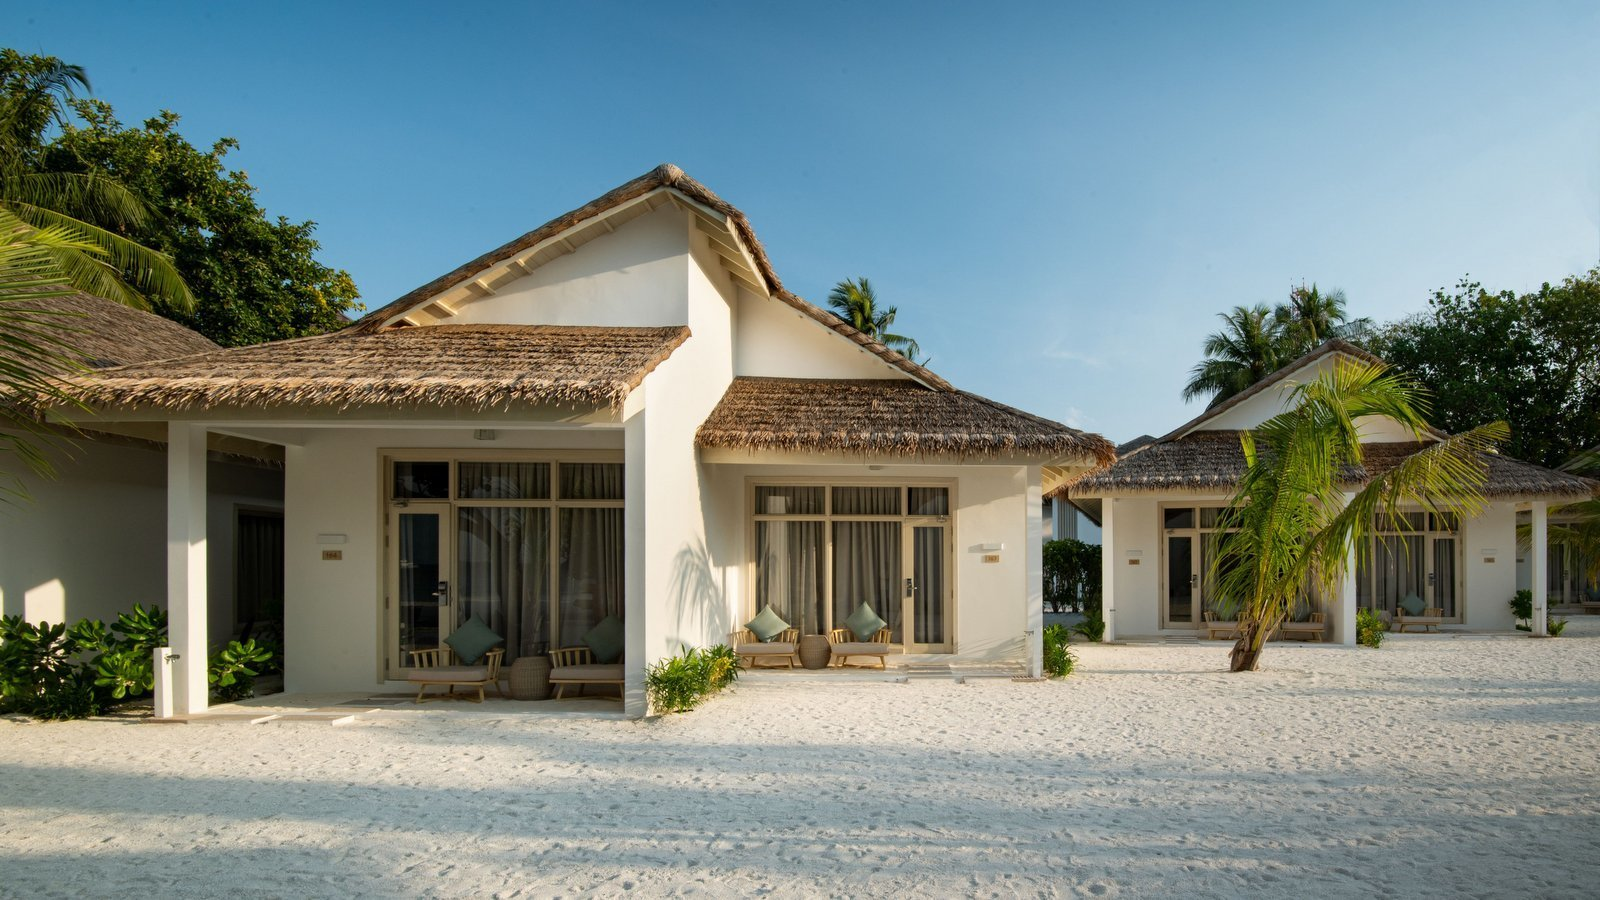 Мальдивы, отель Bandos Maldives, номер Beach Villa